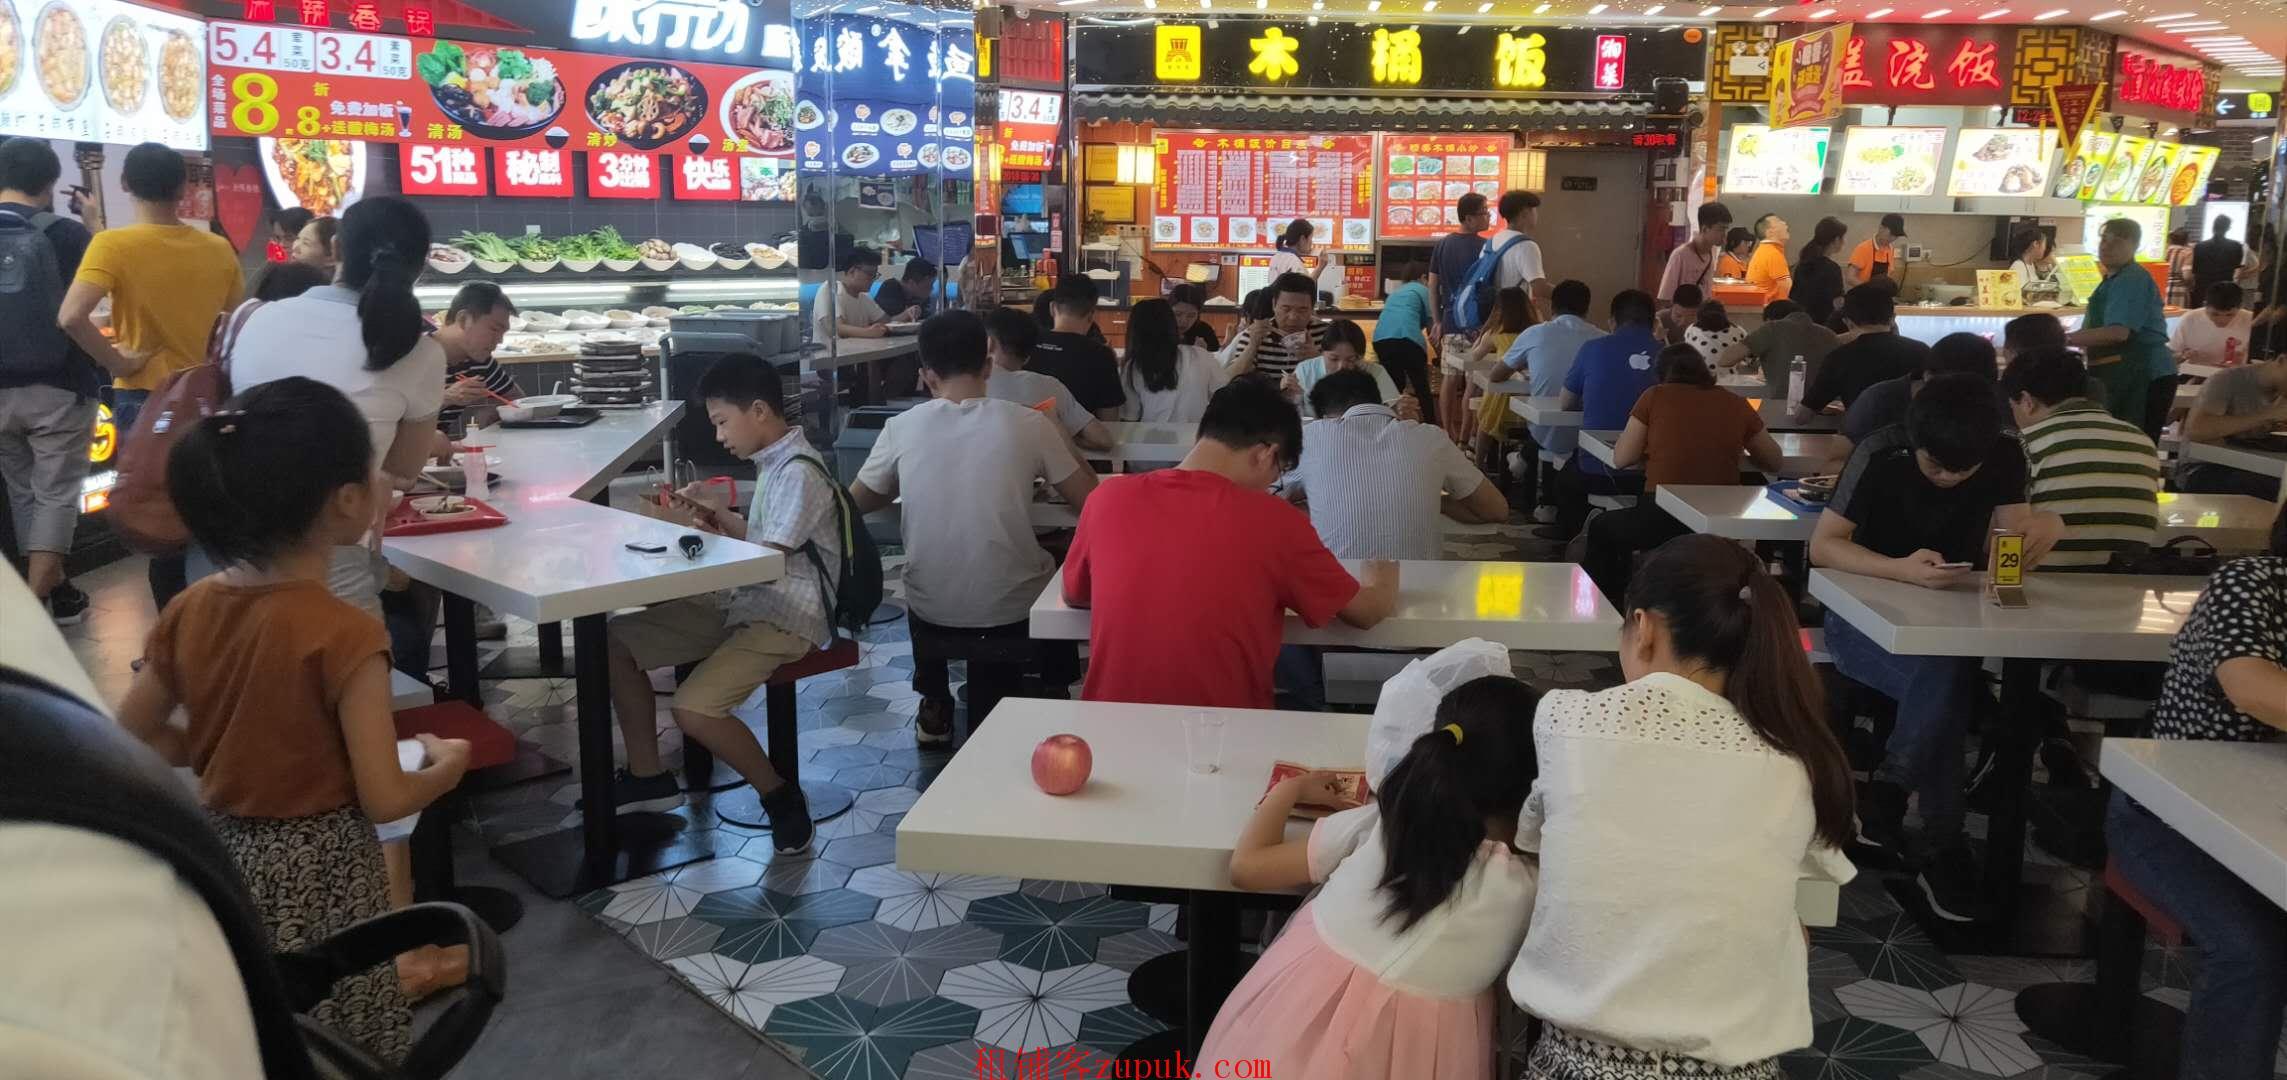 甲子路,小吃店,门口人超多,可各种餐饮饭食